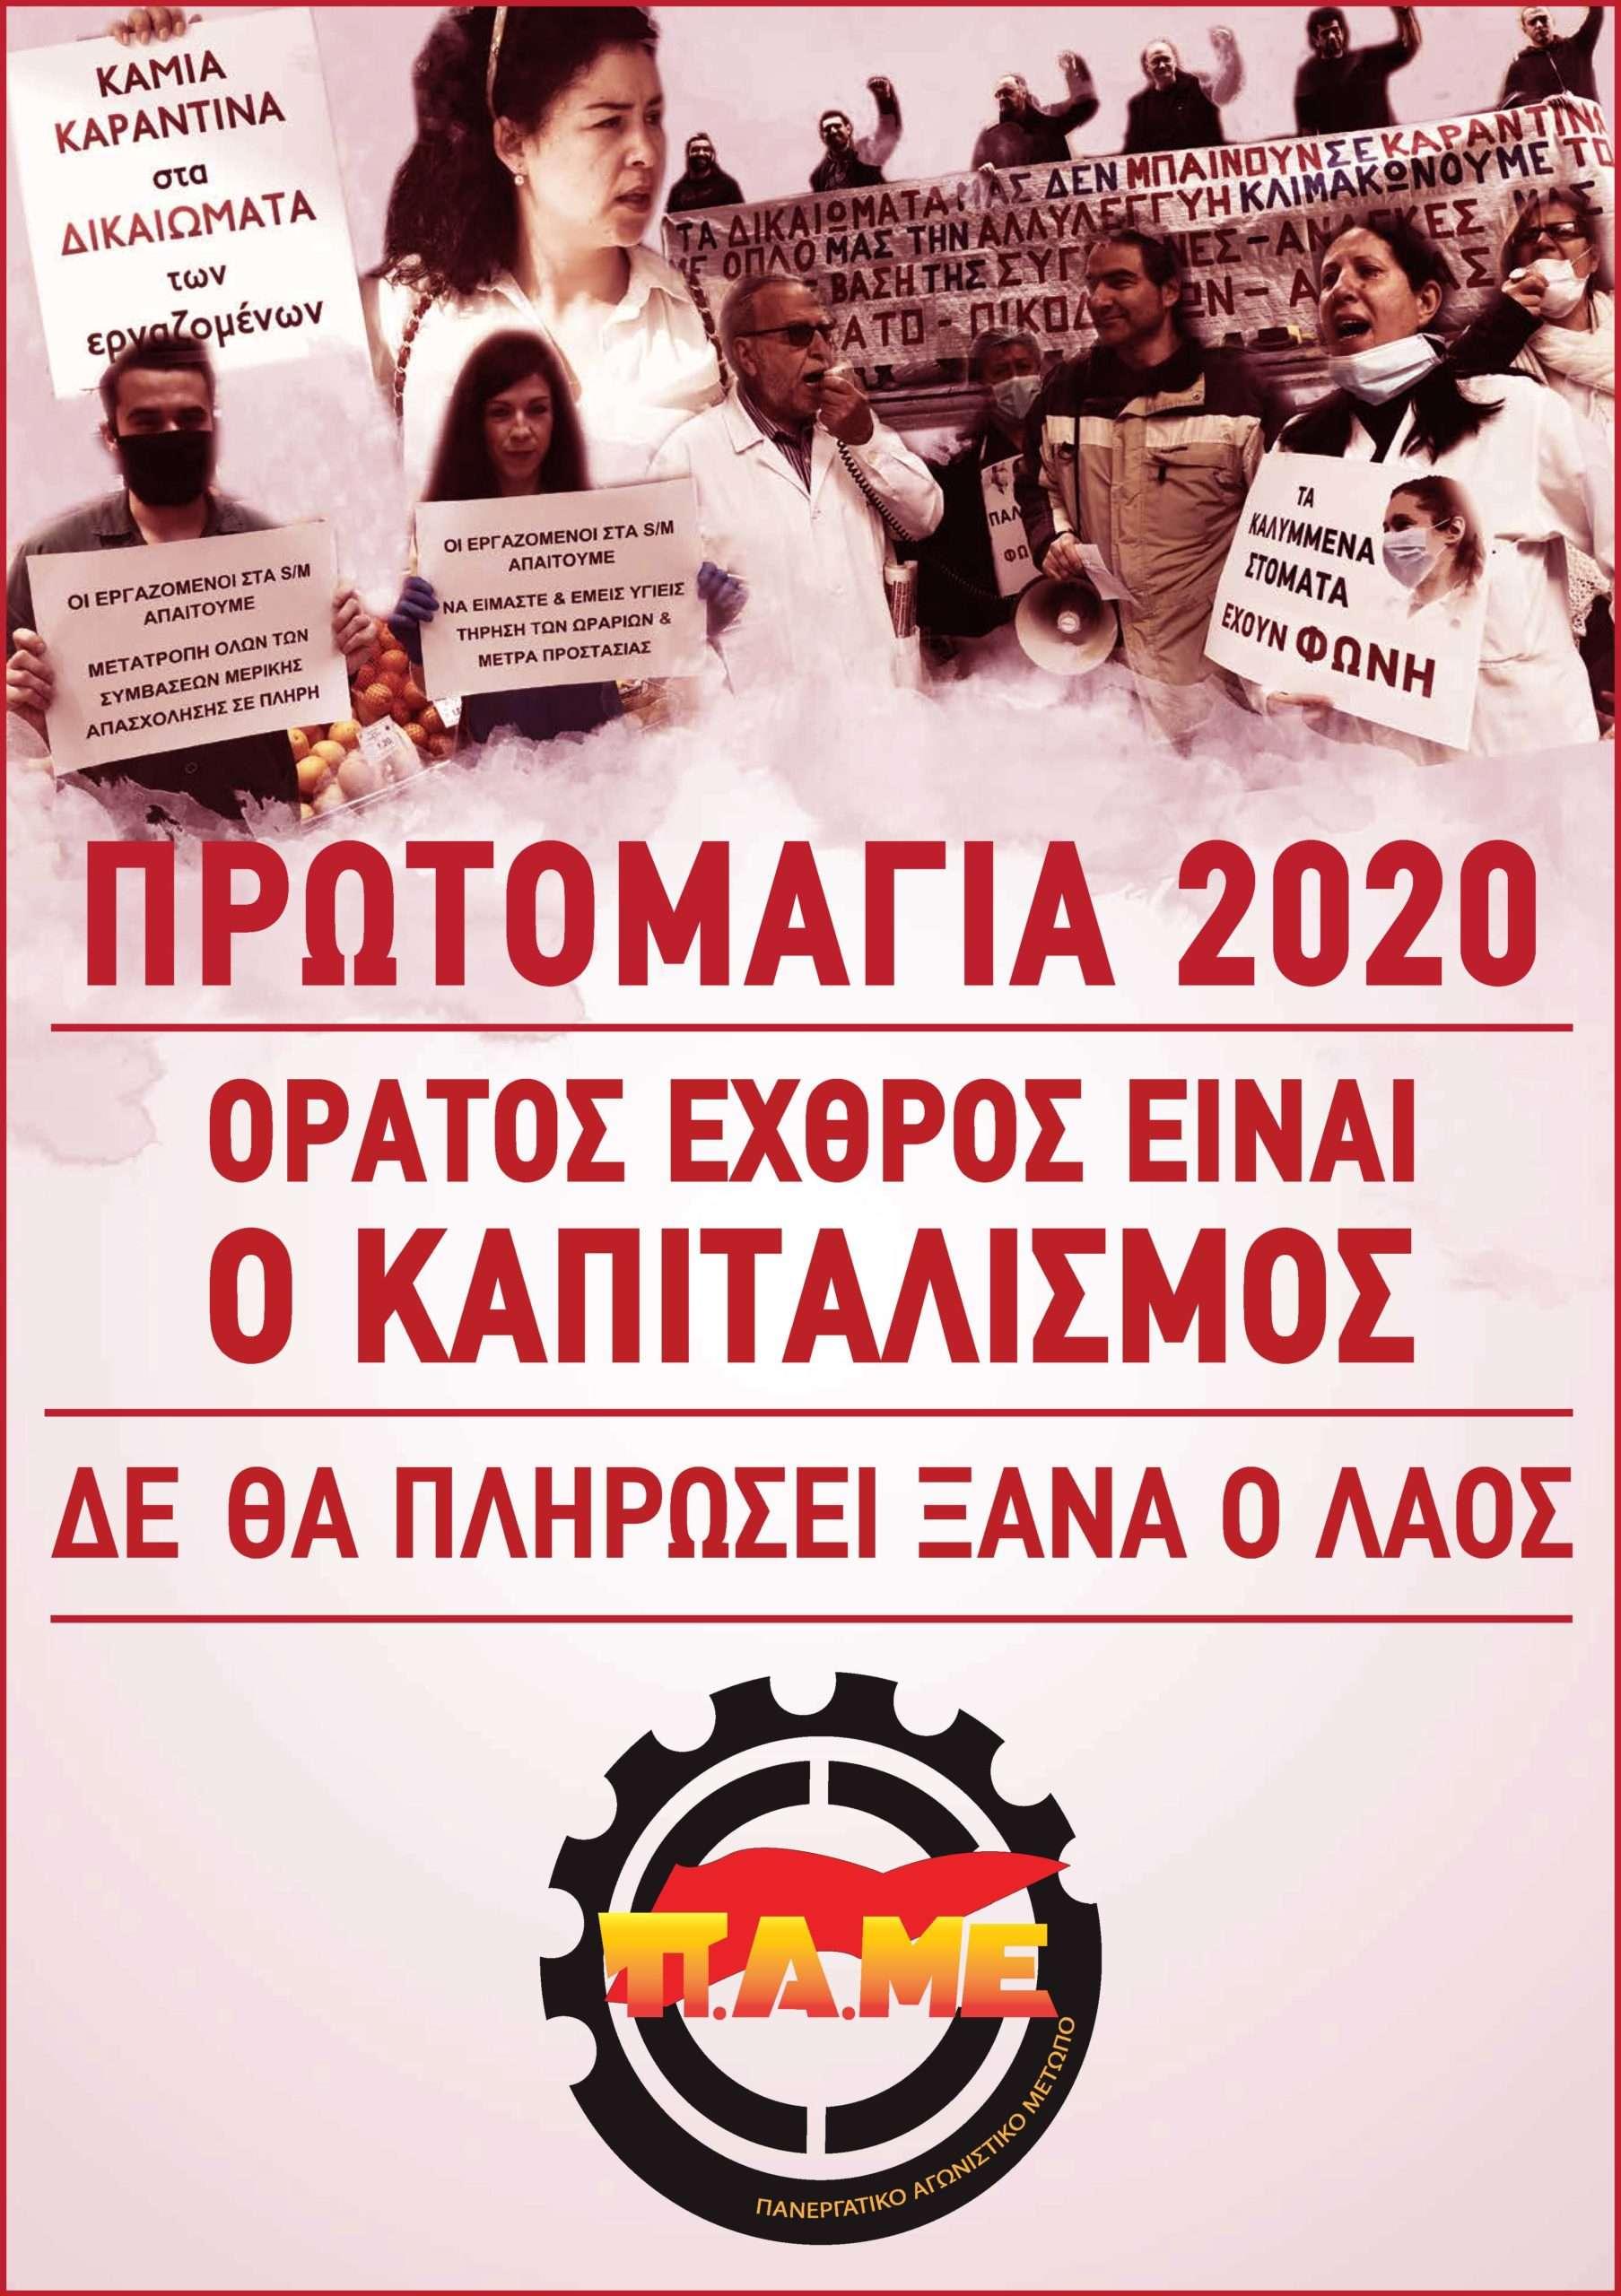 ΠΑΜΕ AFISA PROTOMAGIA 2020